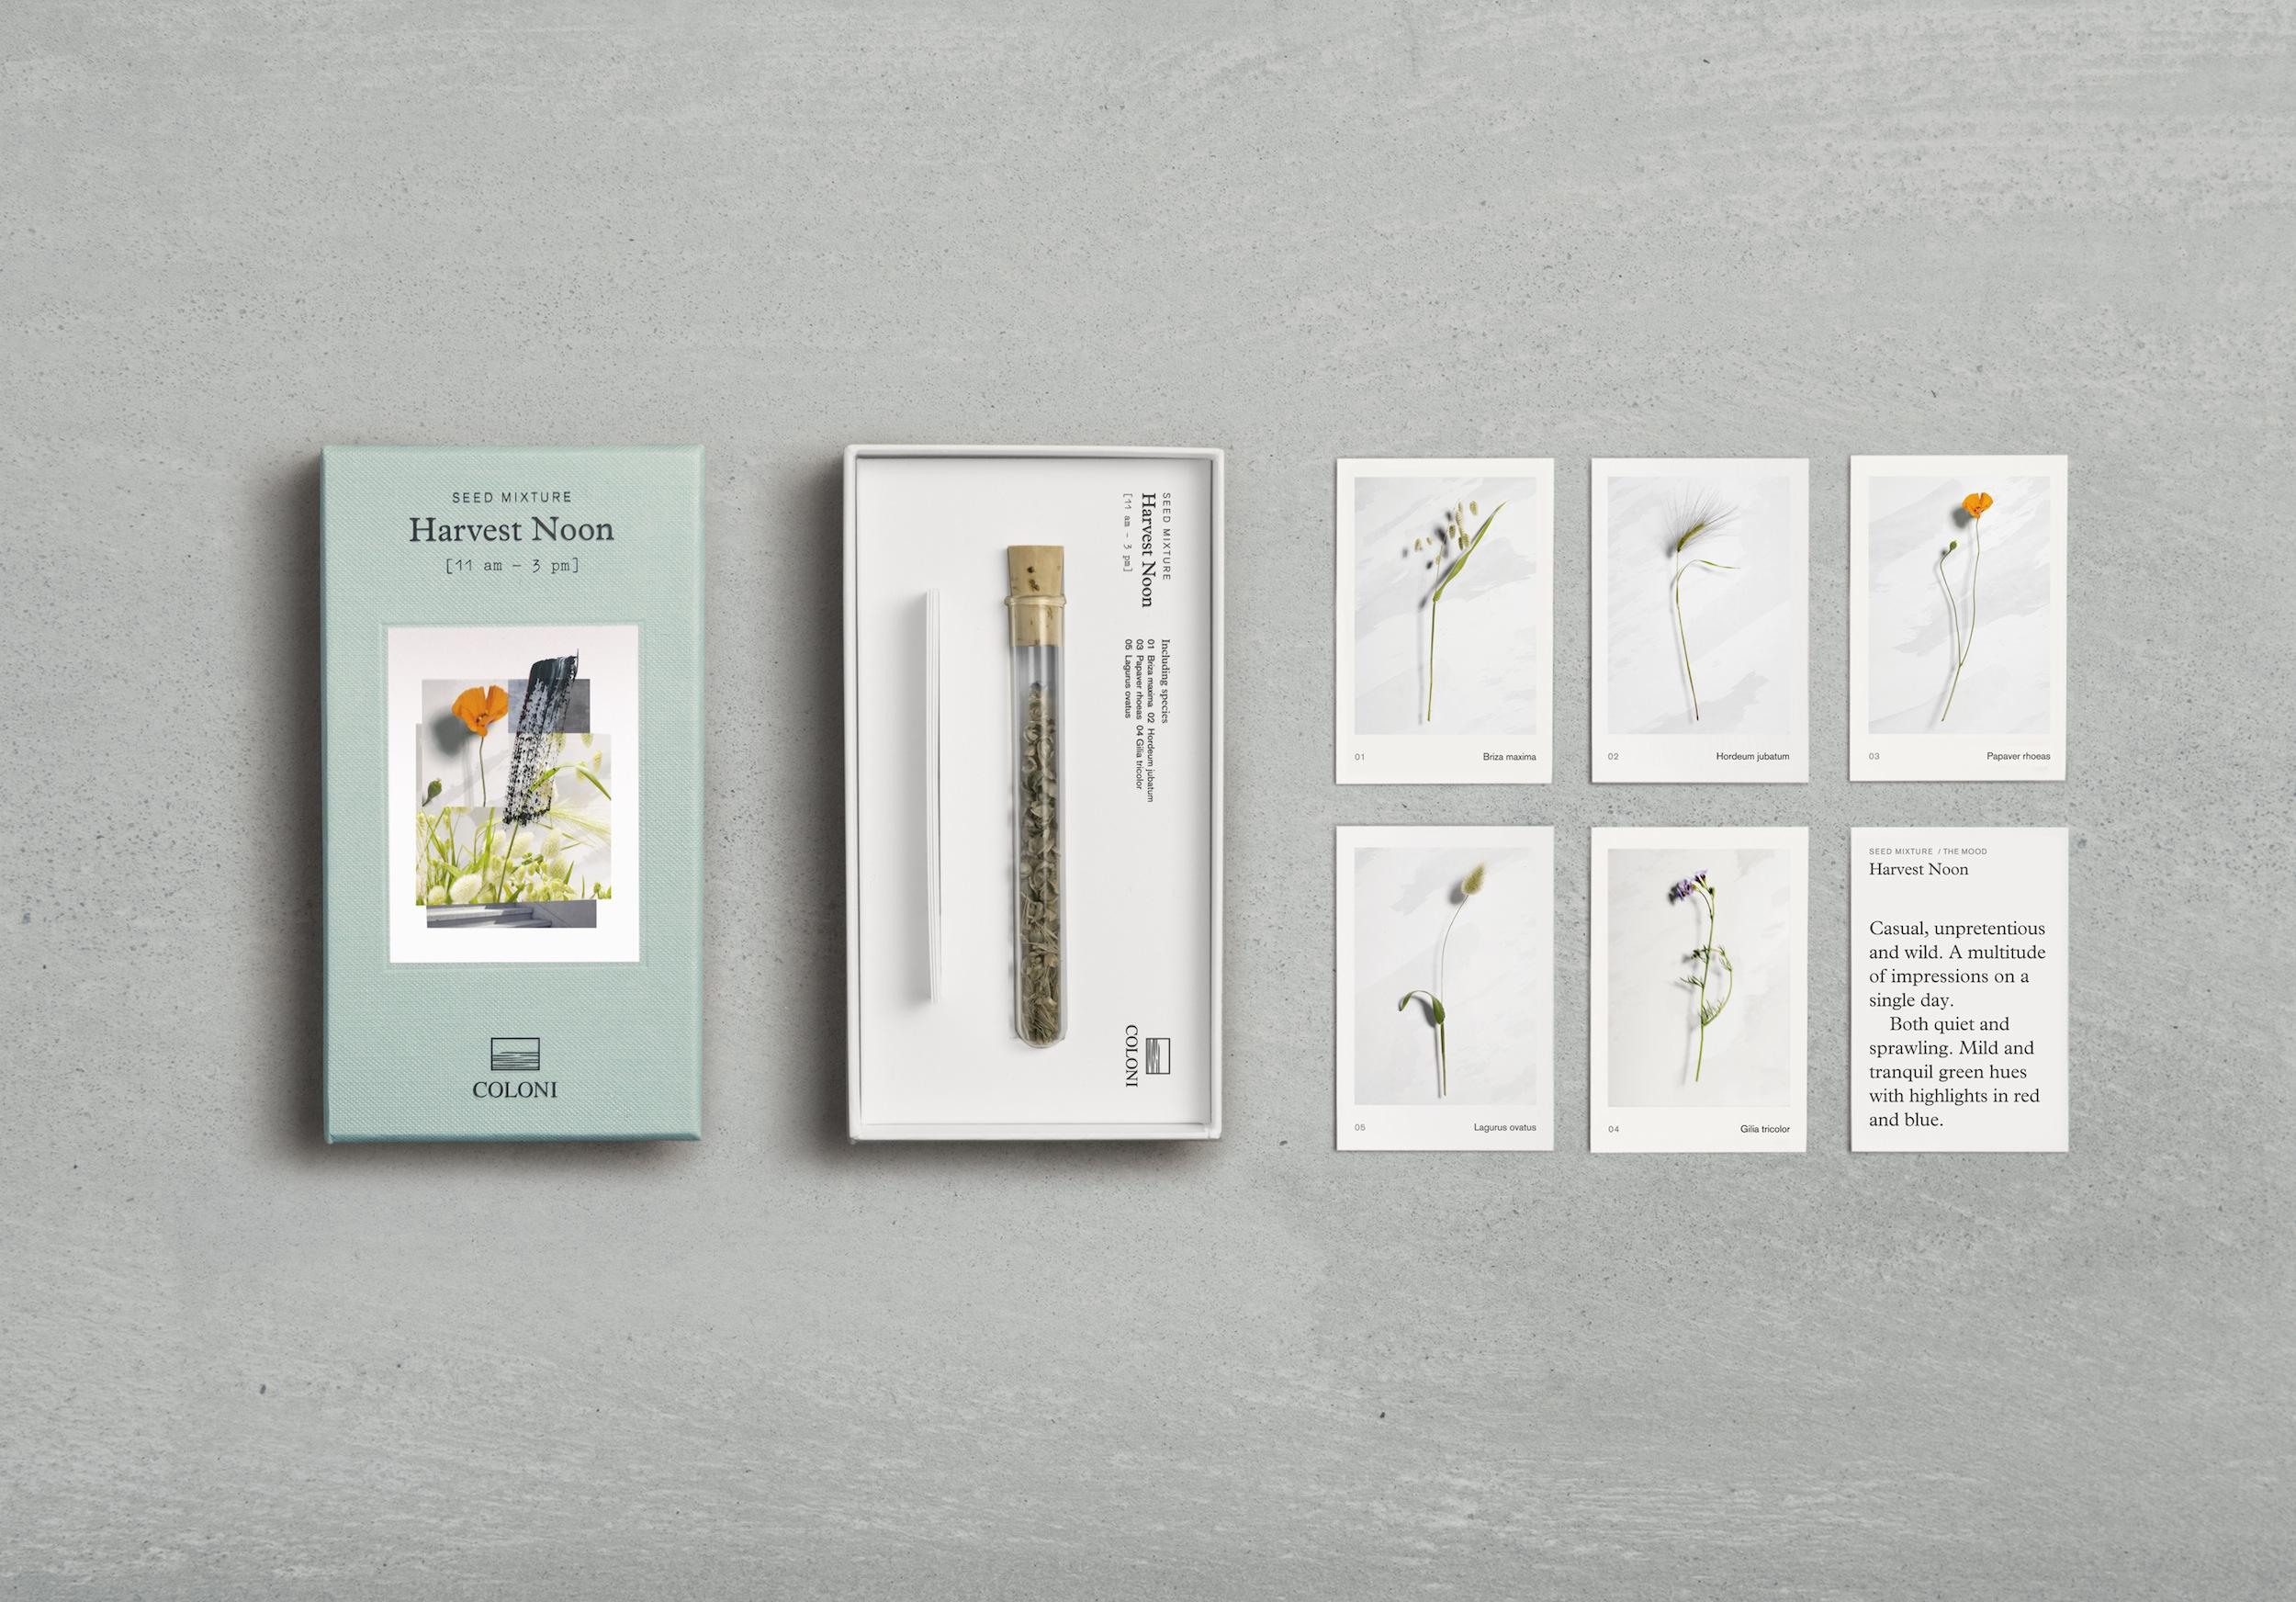 coloni-swedish-based-gardening-house-1